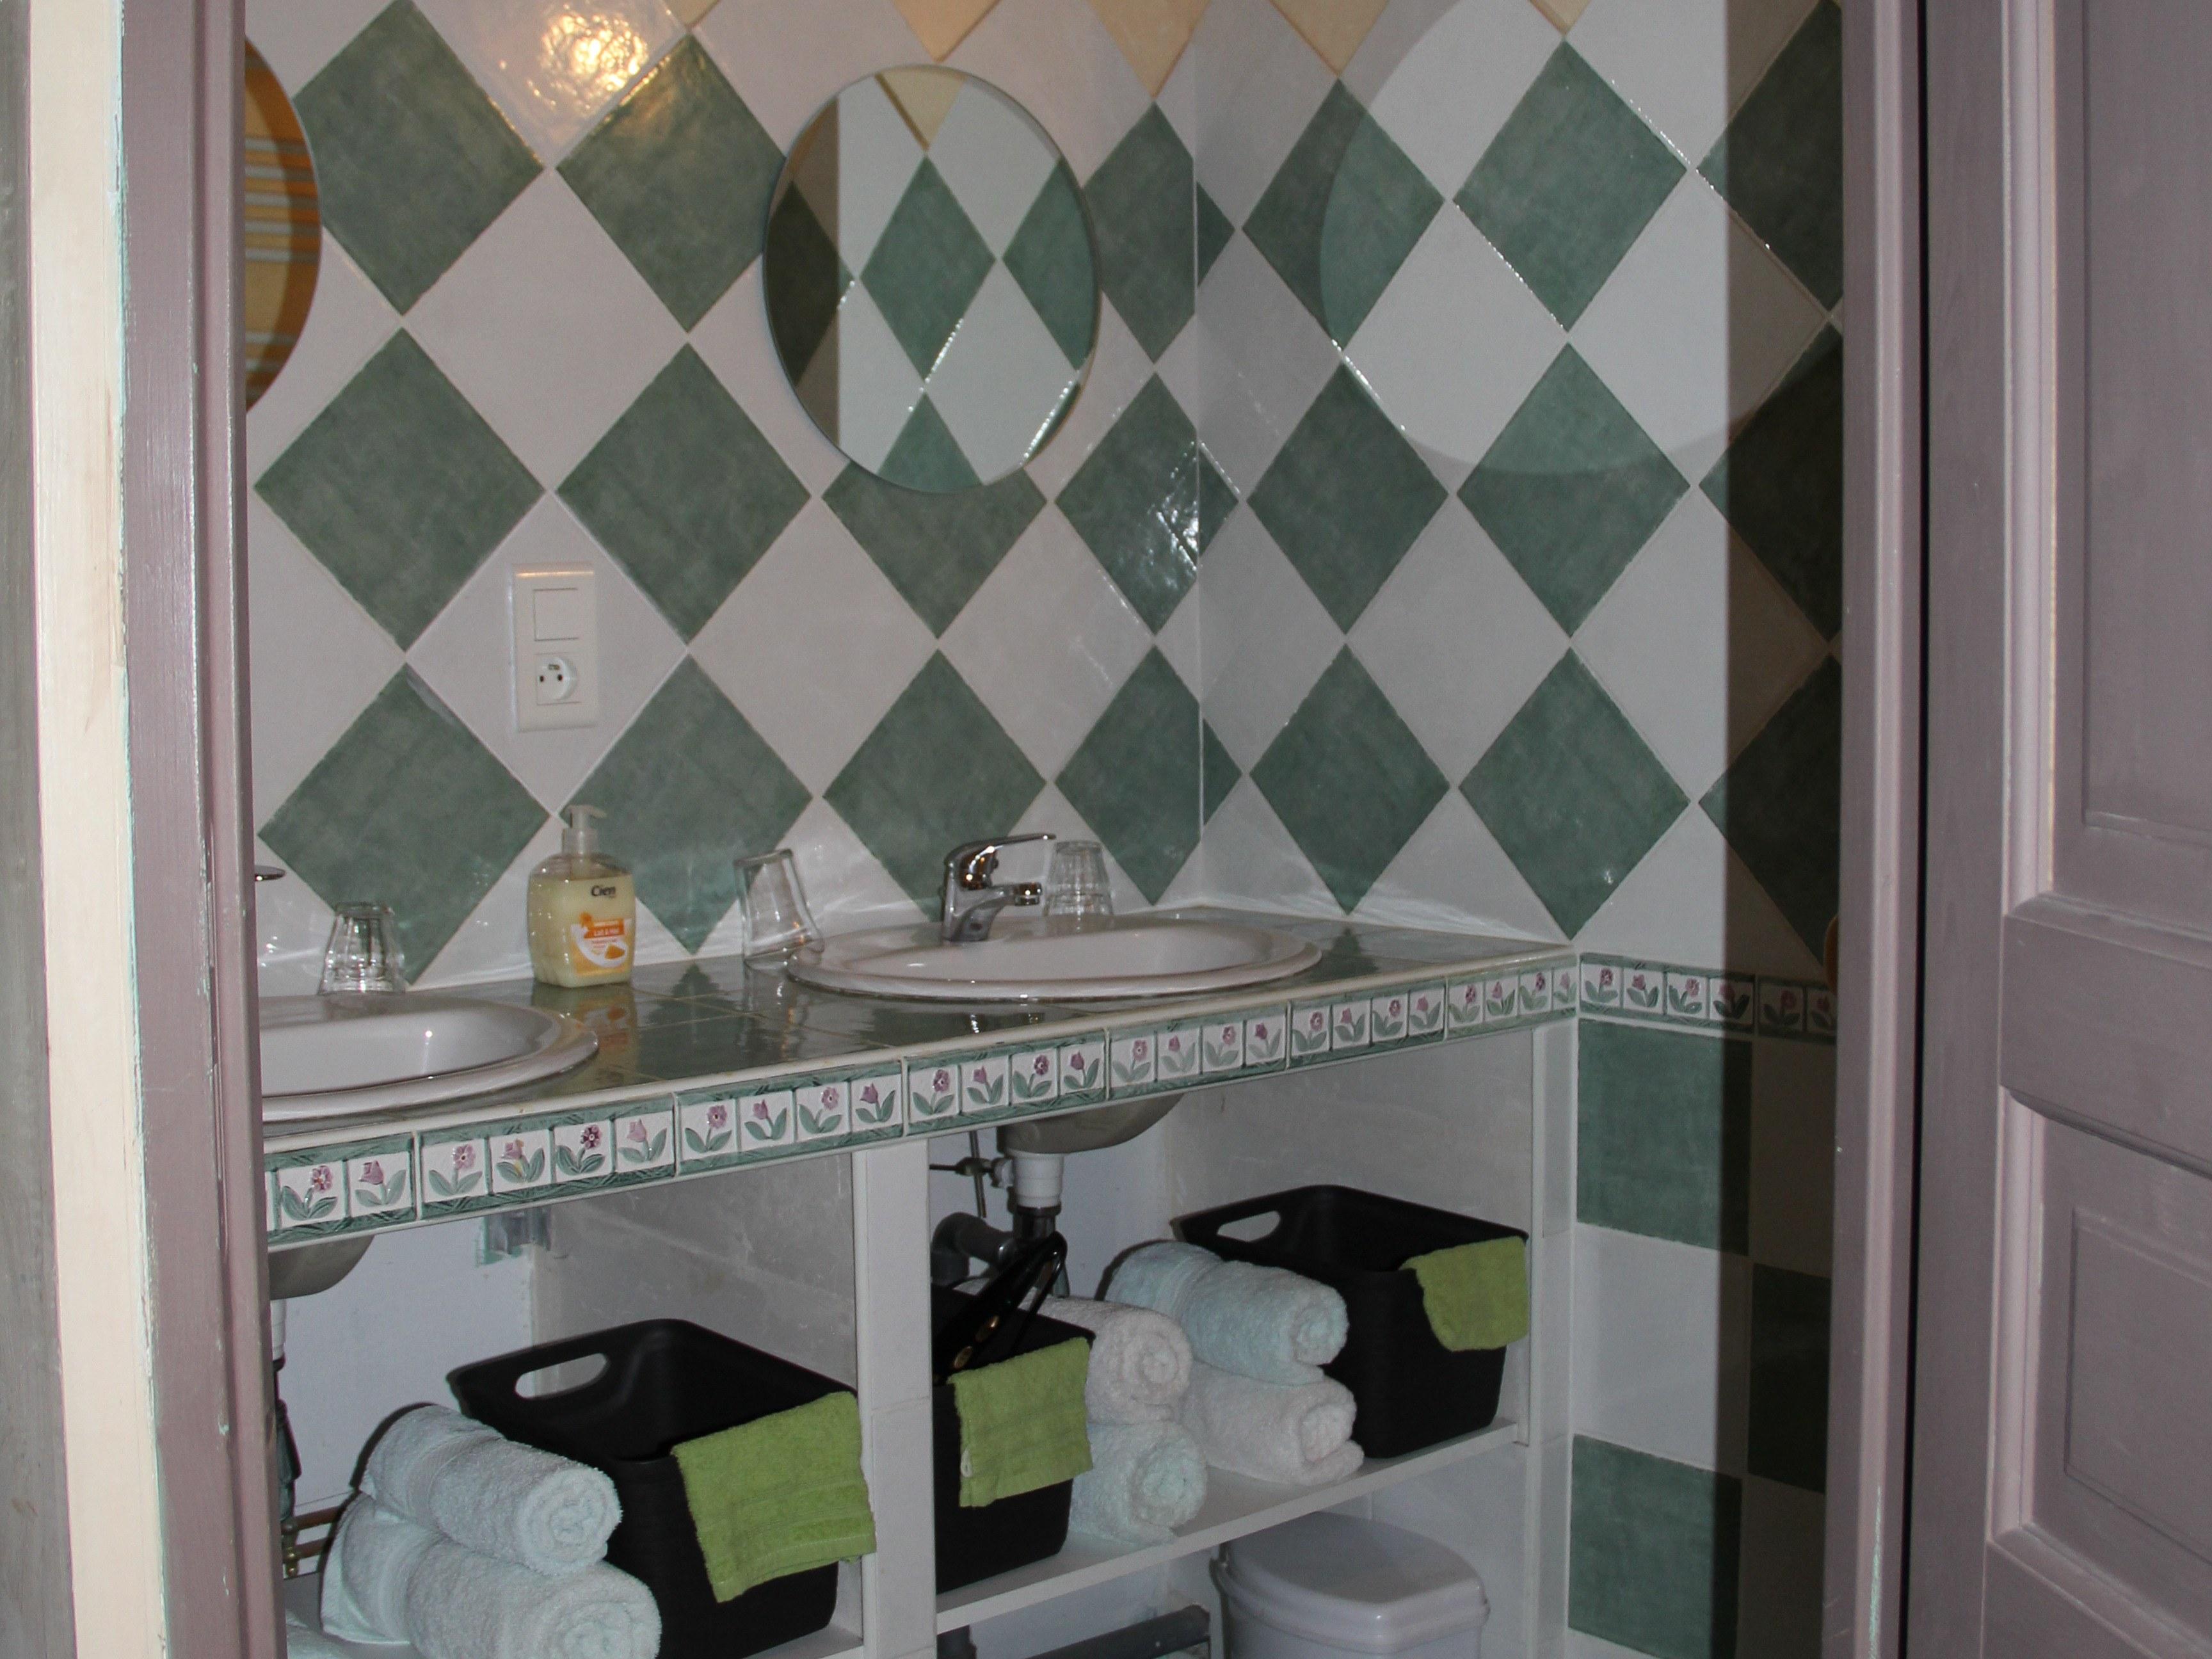 chambre-hotes-auvergne-salle-de-bain-linge-toilette-lavabo-miroir